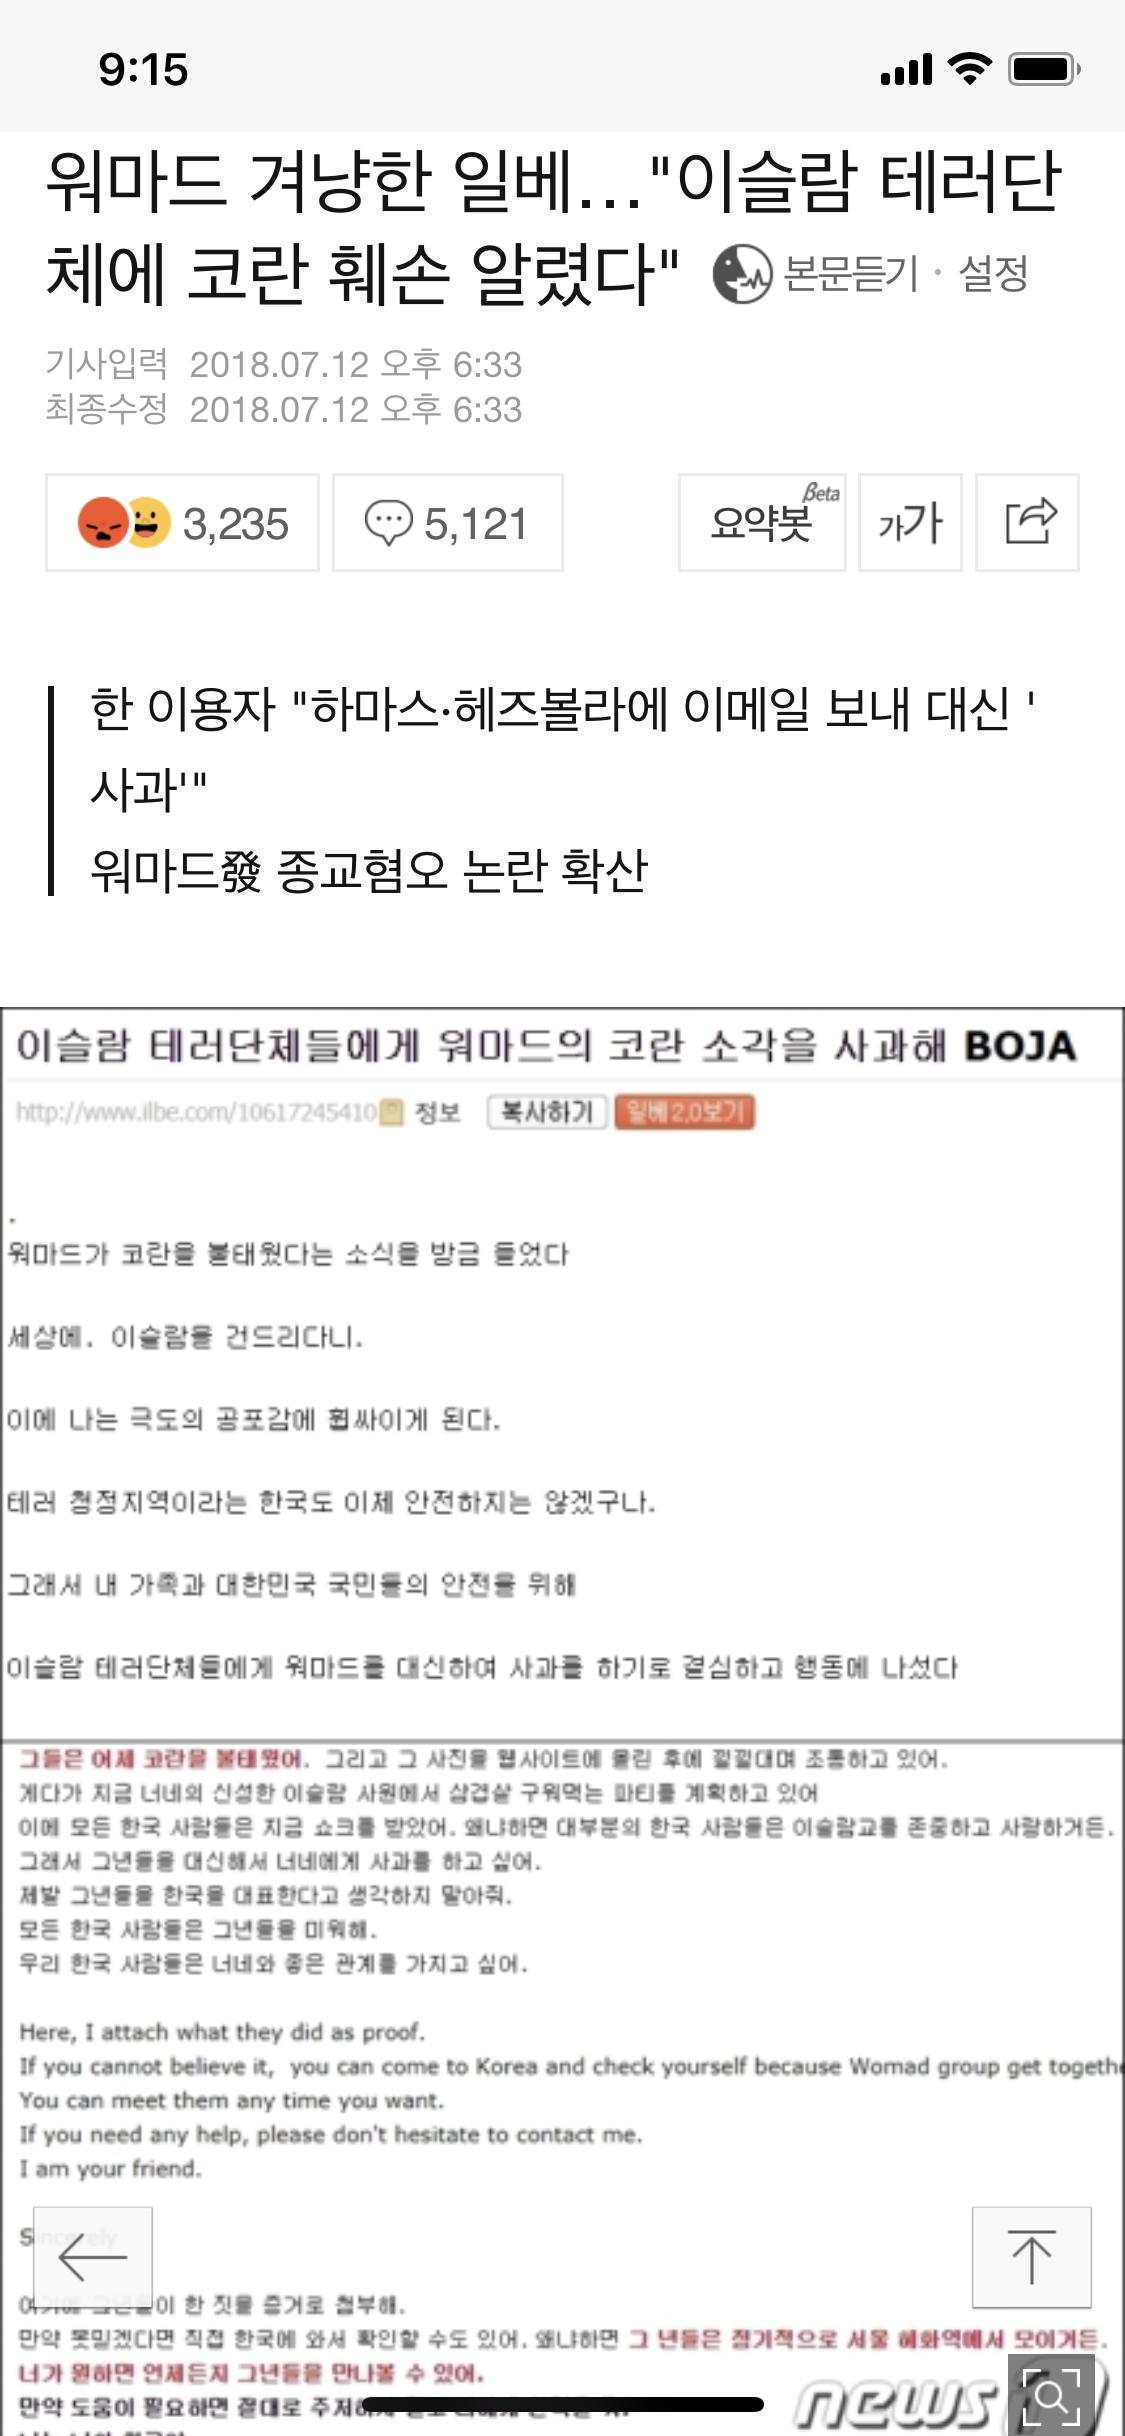 3DBEA160-8025-4D3F-A1DF-61963060E1CF.png